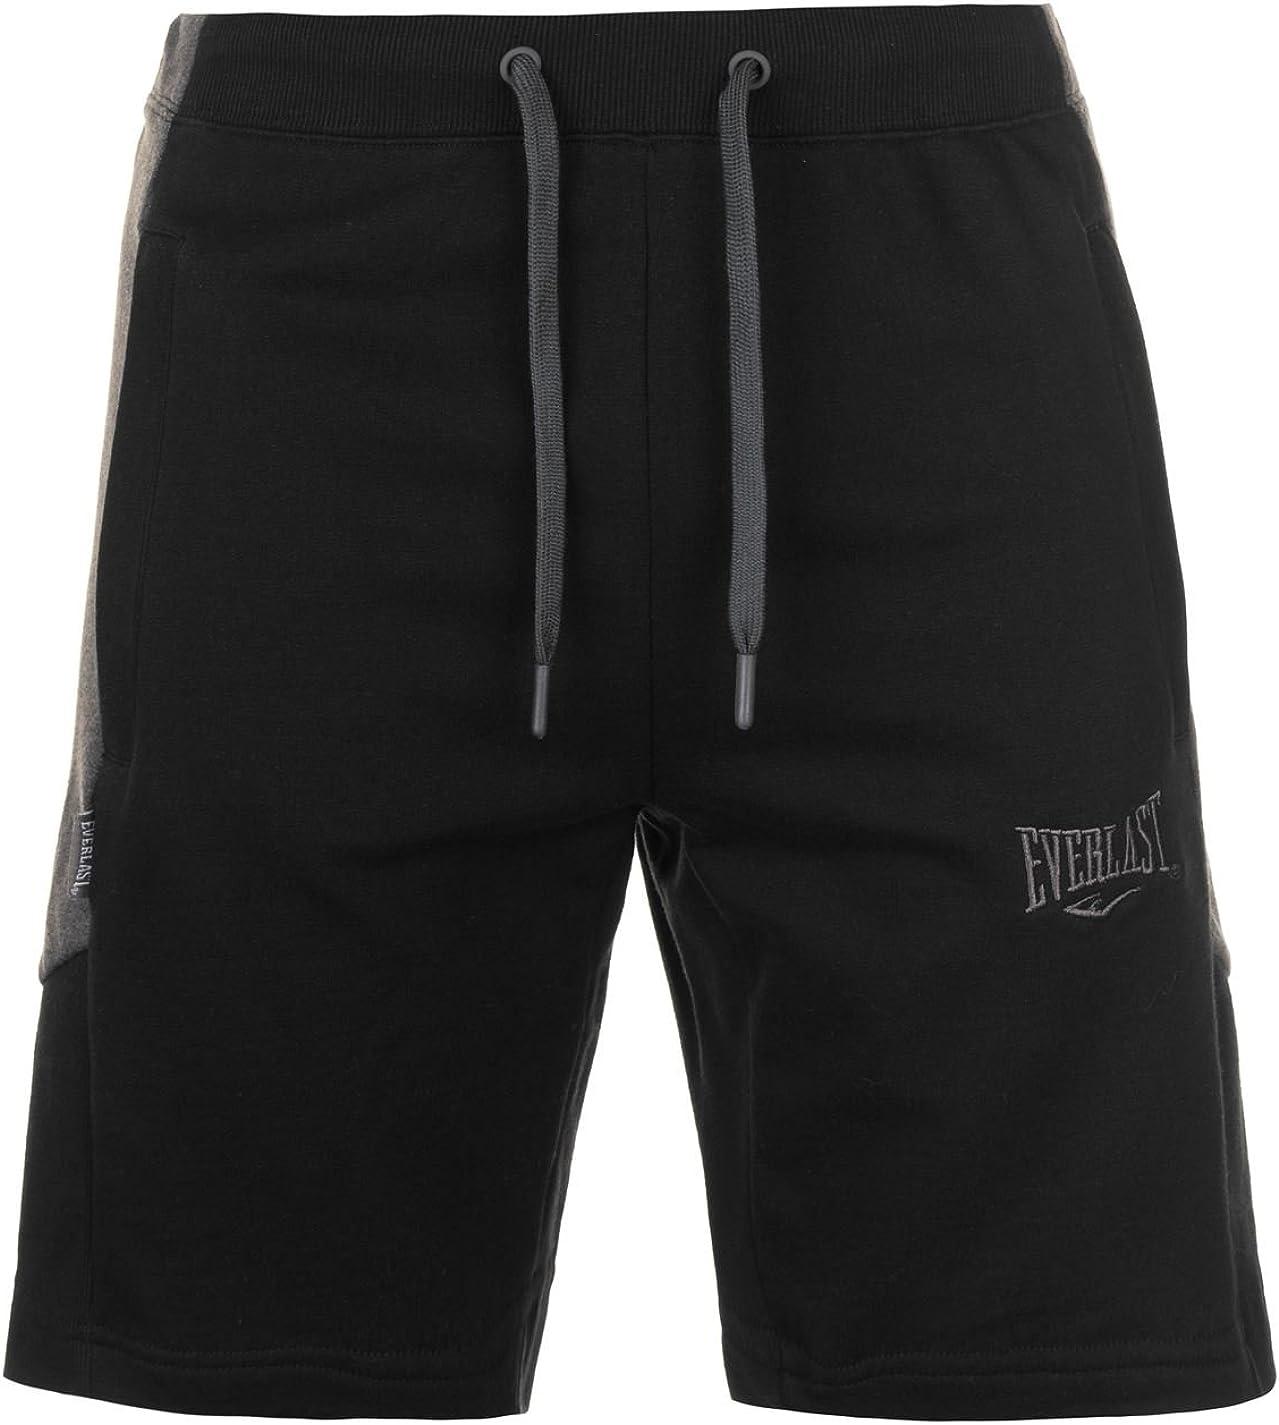 Everlast - Pantalón Corto - para Hombre Multicolor Negro y Gris XX ...